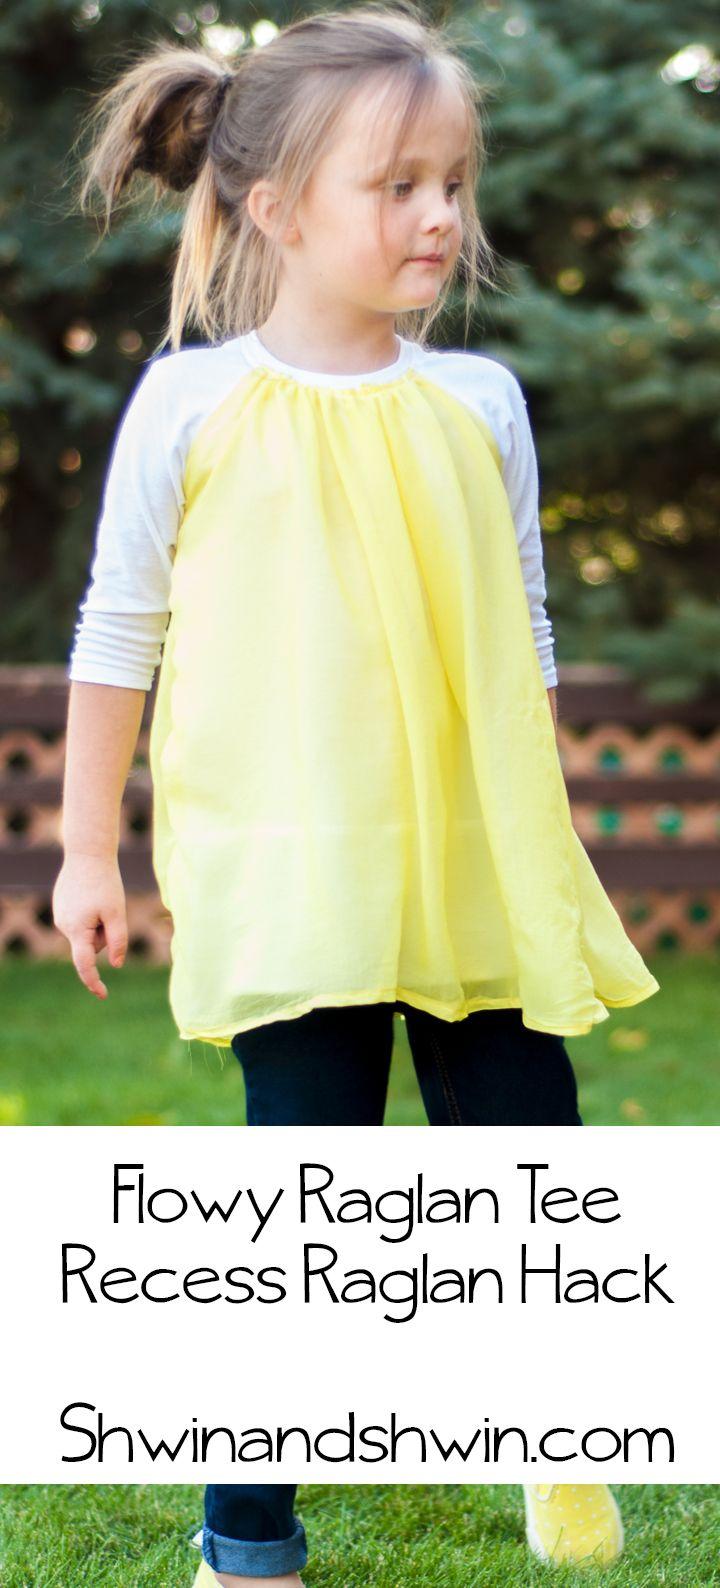 Flowy Raglan Tee | Pinterest | Raglan, Schnittmuster und Shirts